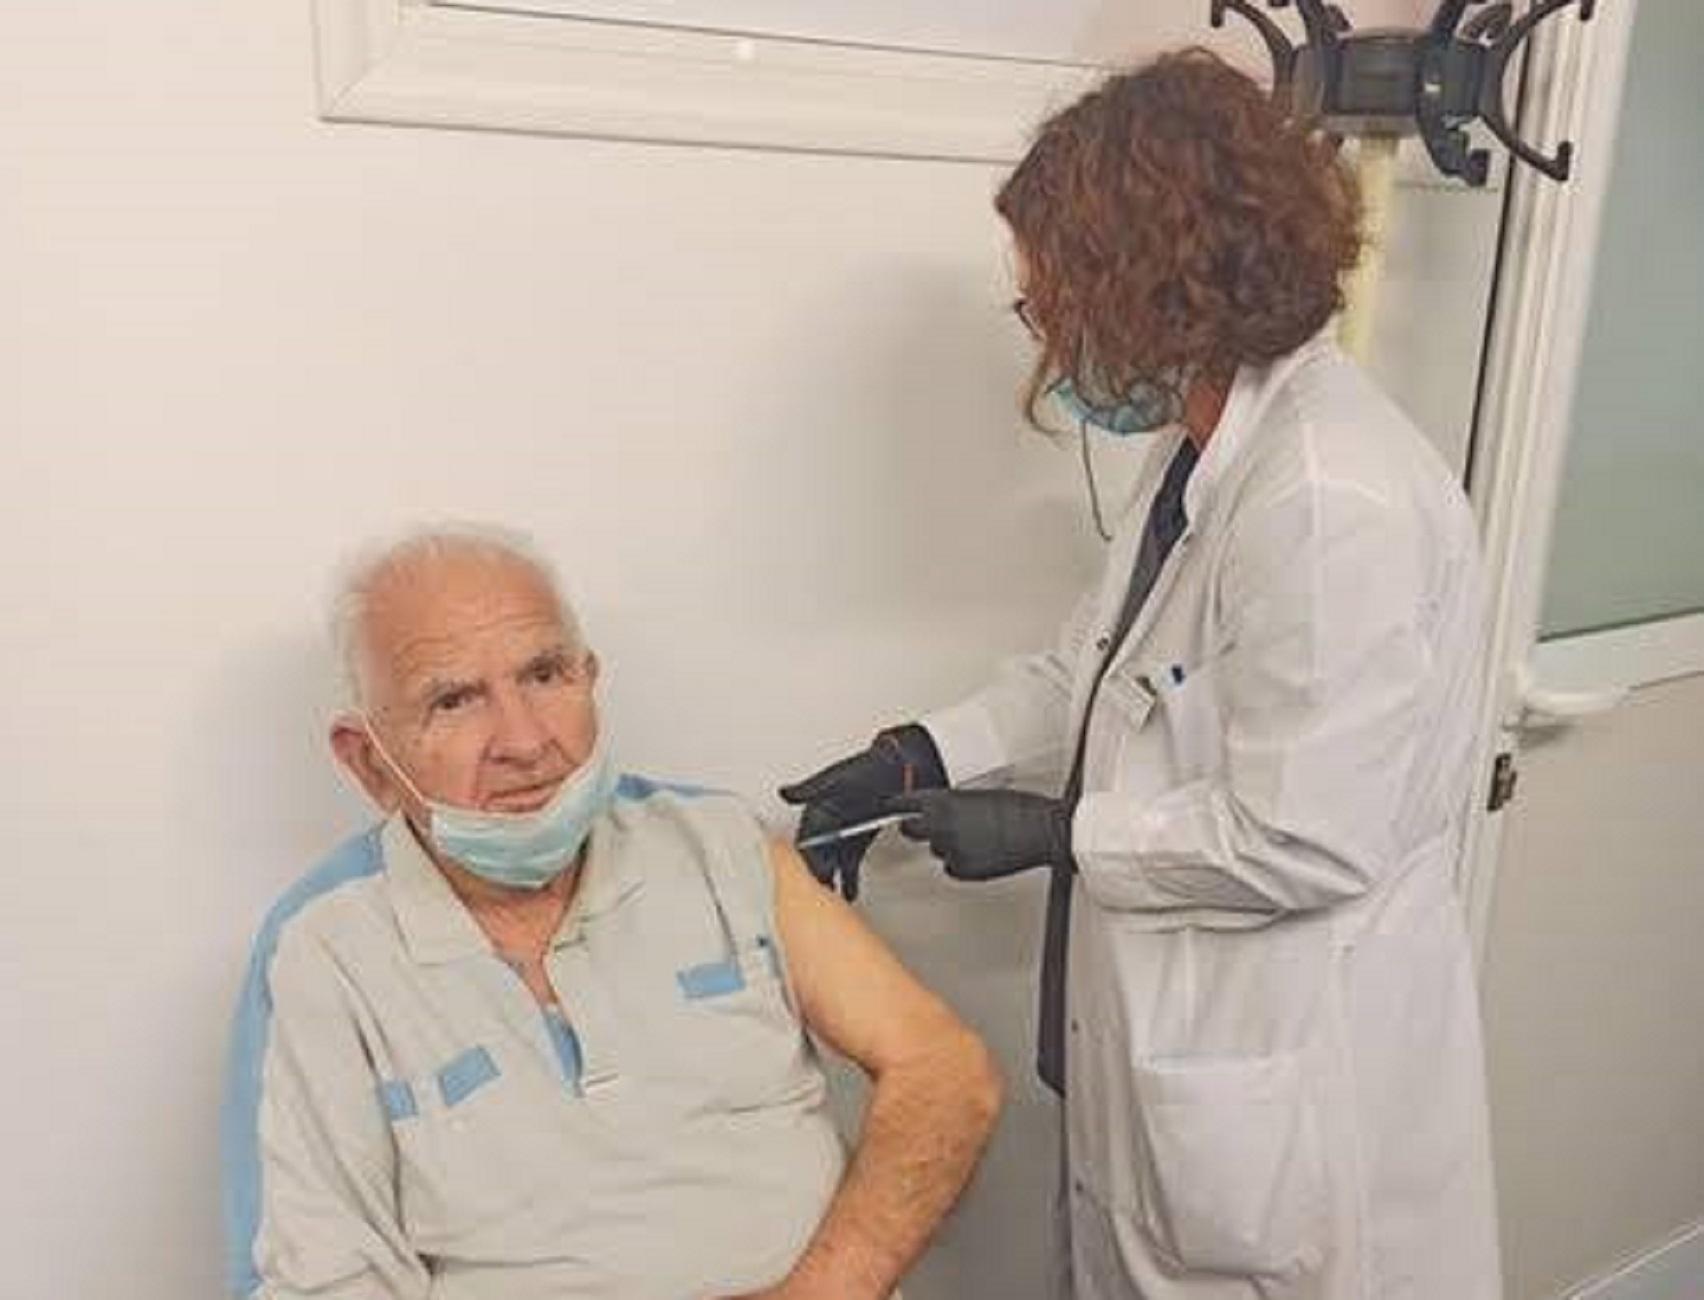 Ρόδος: «Τι να μου πει εμένα ένα τσιμπηματάκι;» Εμβολιάστηκε ο τελευταίος επιζών ιερολοχίτης